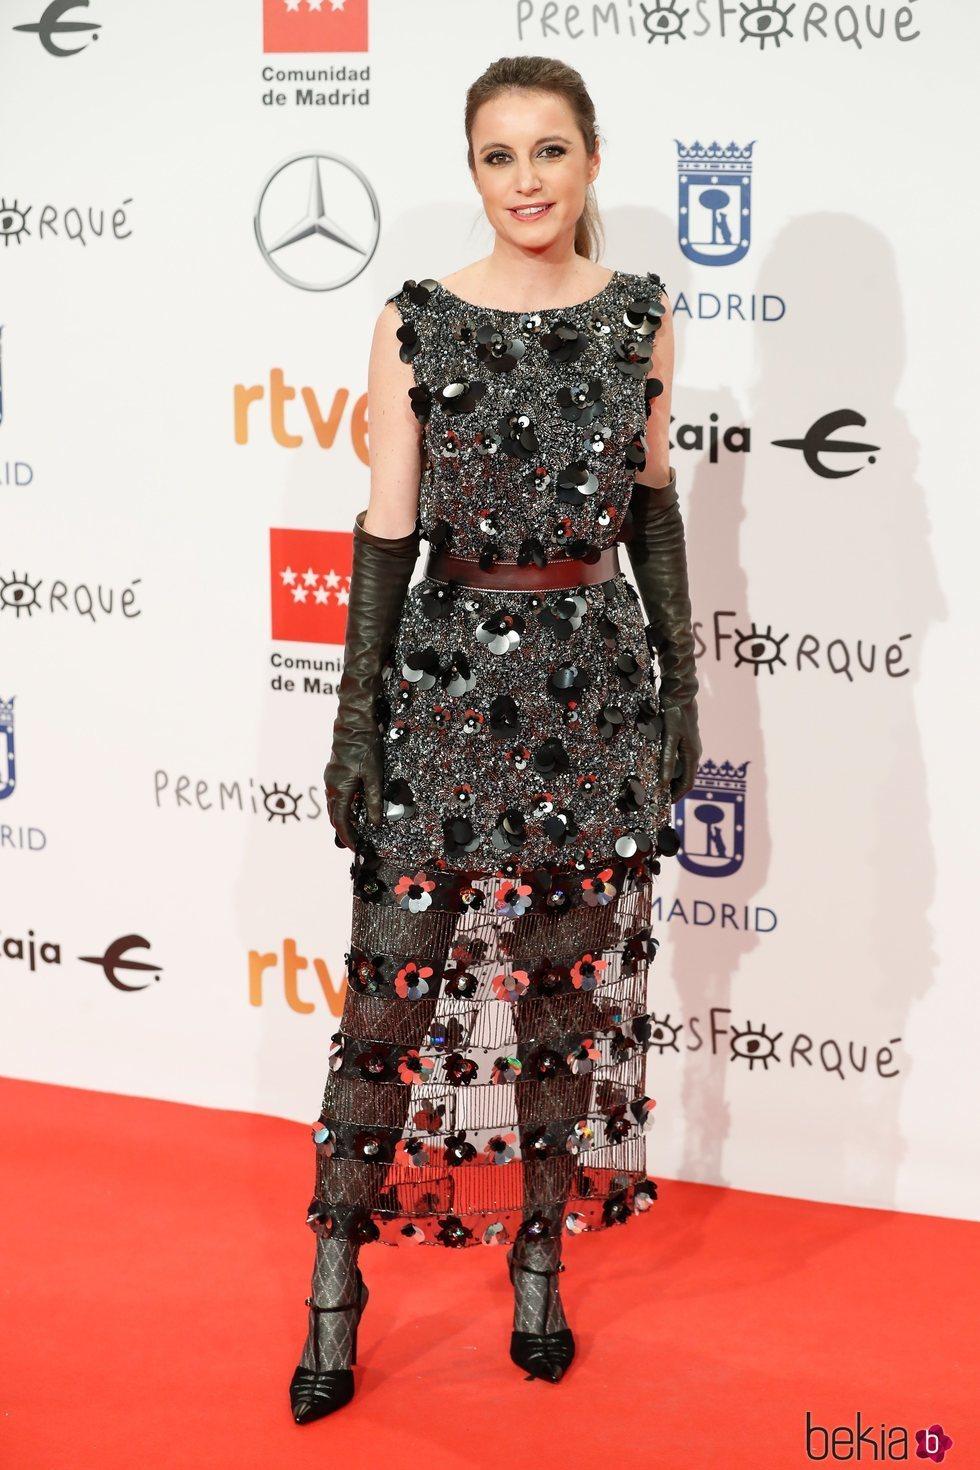 Andrea Levy en la alfombra roja de los Premios Forqué 2020